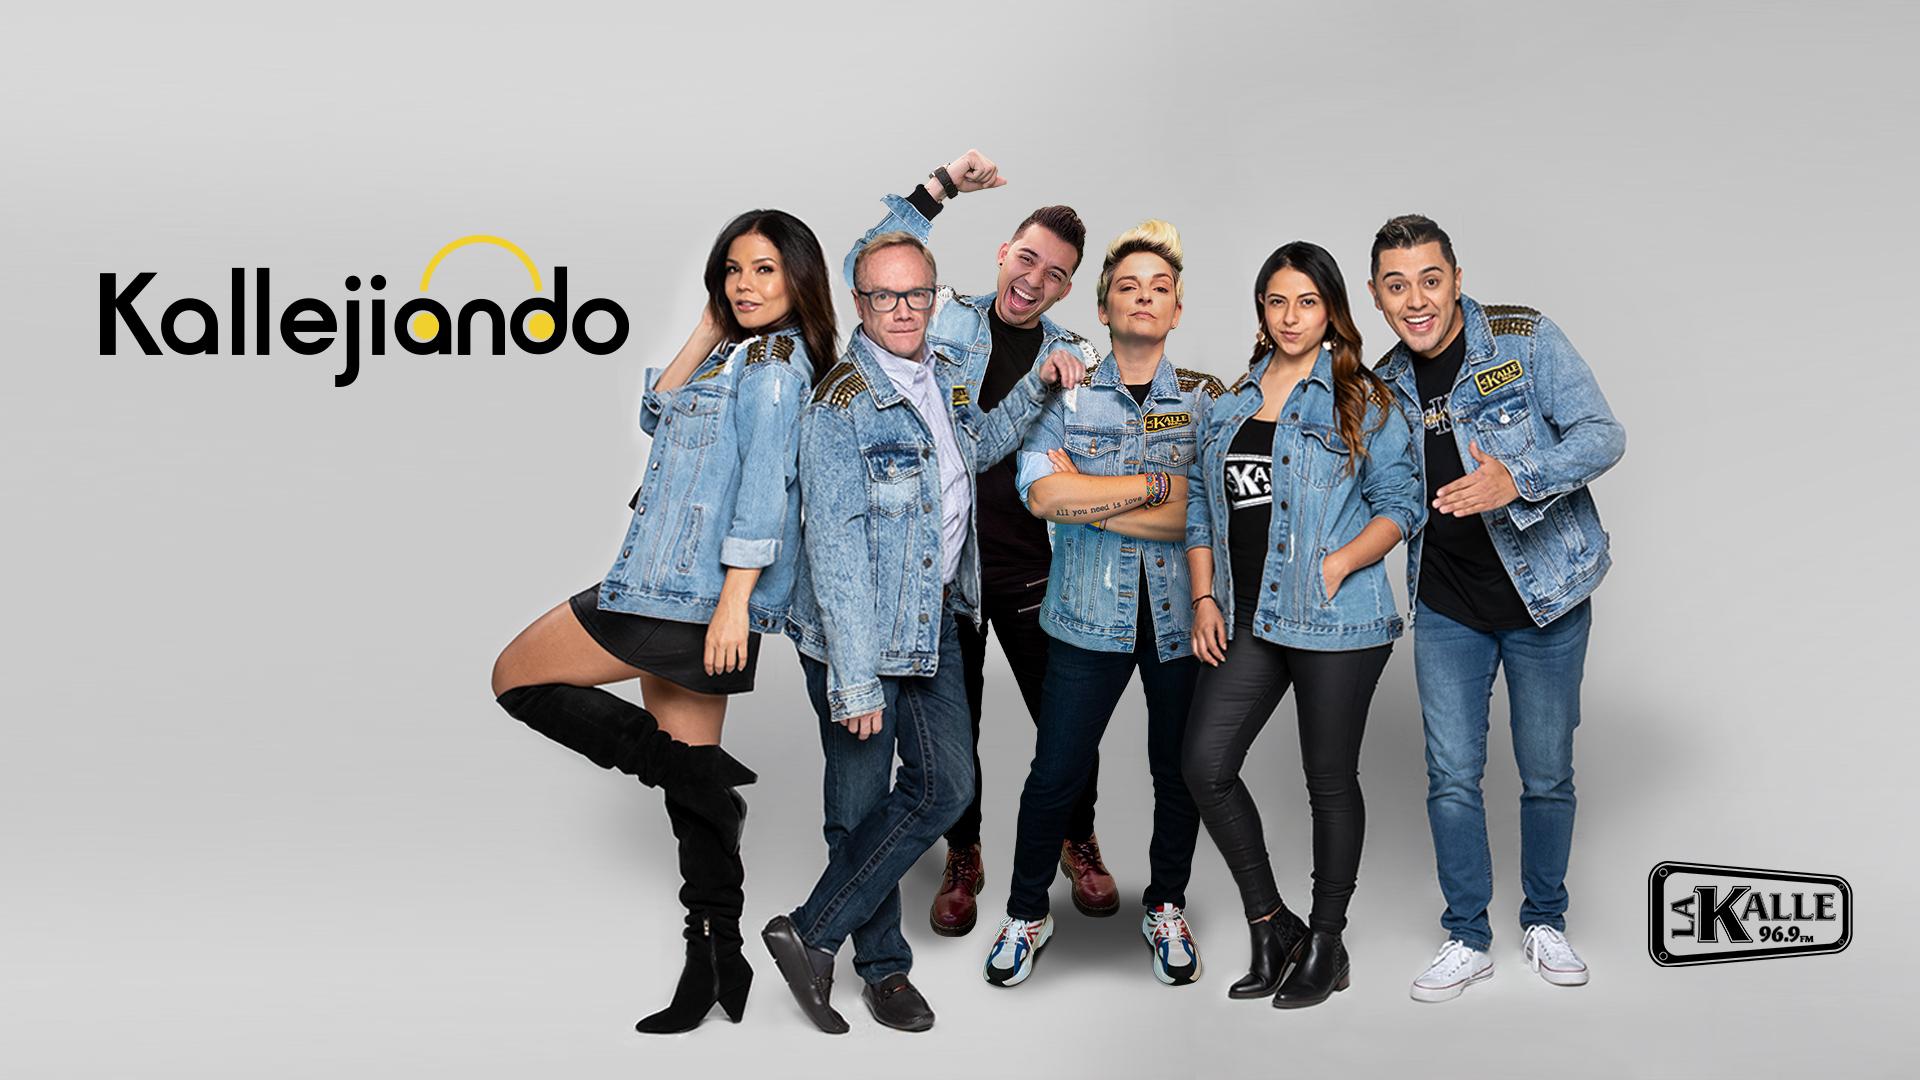 La Kalle, la mandamás, es la emisora más escuchada de Bogotá según el último estudio general de medios